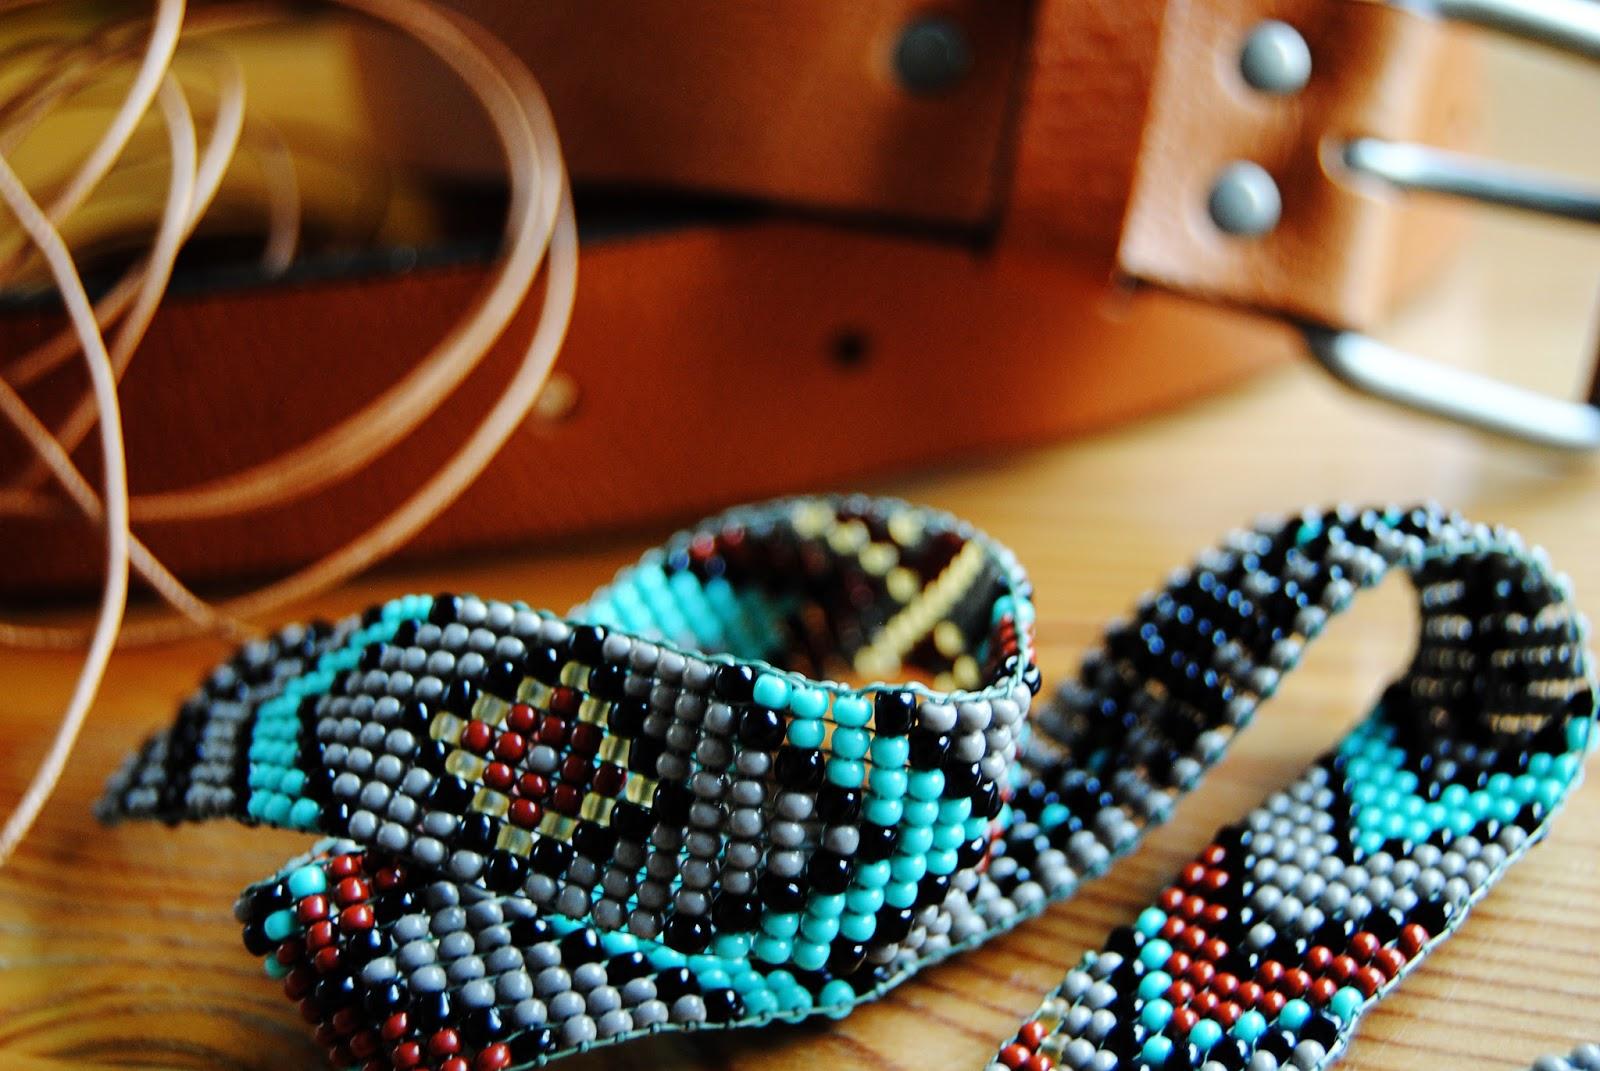 Кожаный ремешок для часов своими руками Как сделать ремешок из бисера